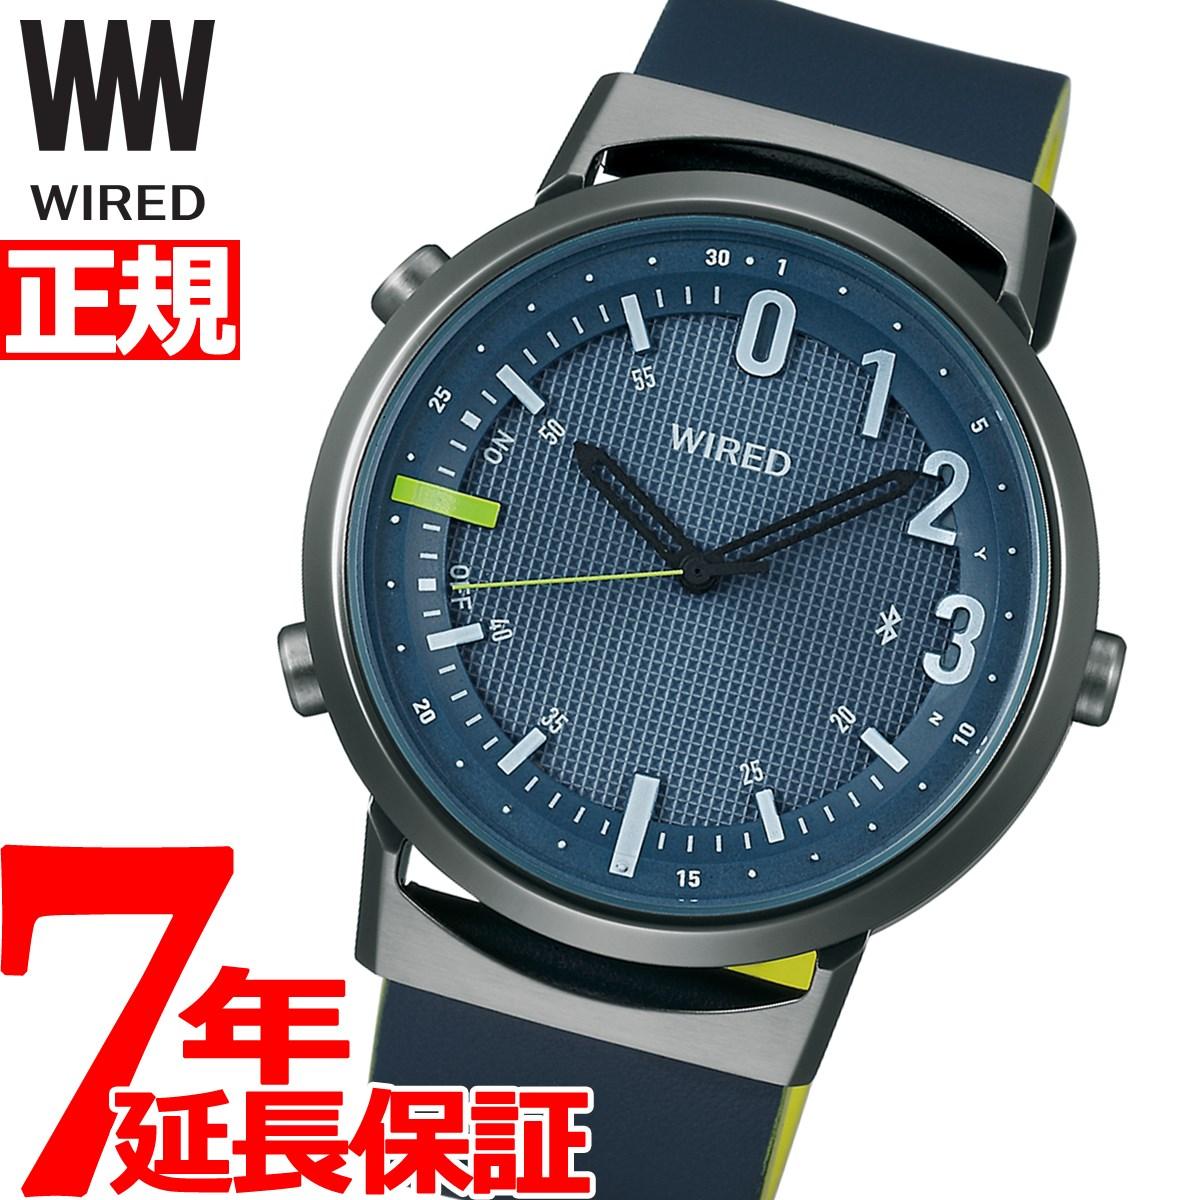 【5日0時~♪2000円OFFクーポン&店内ポイント最大51倍!5日23時59分まで】セイコー ワイアード ツーダブ SEIKO WIRED WW スマートウォッチ Bluetooth 腕時計 メンズ レディース TYPE02 AGAB408